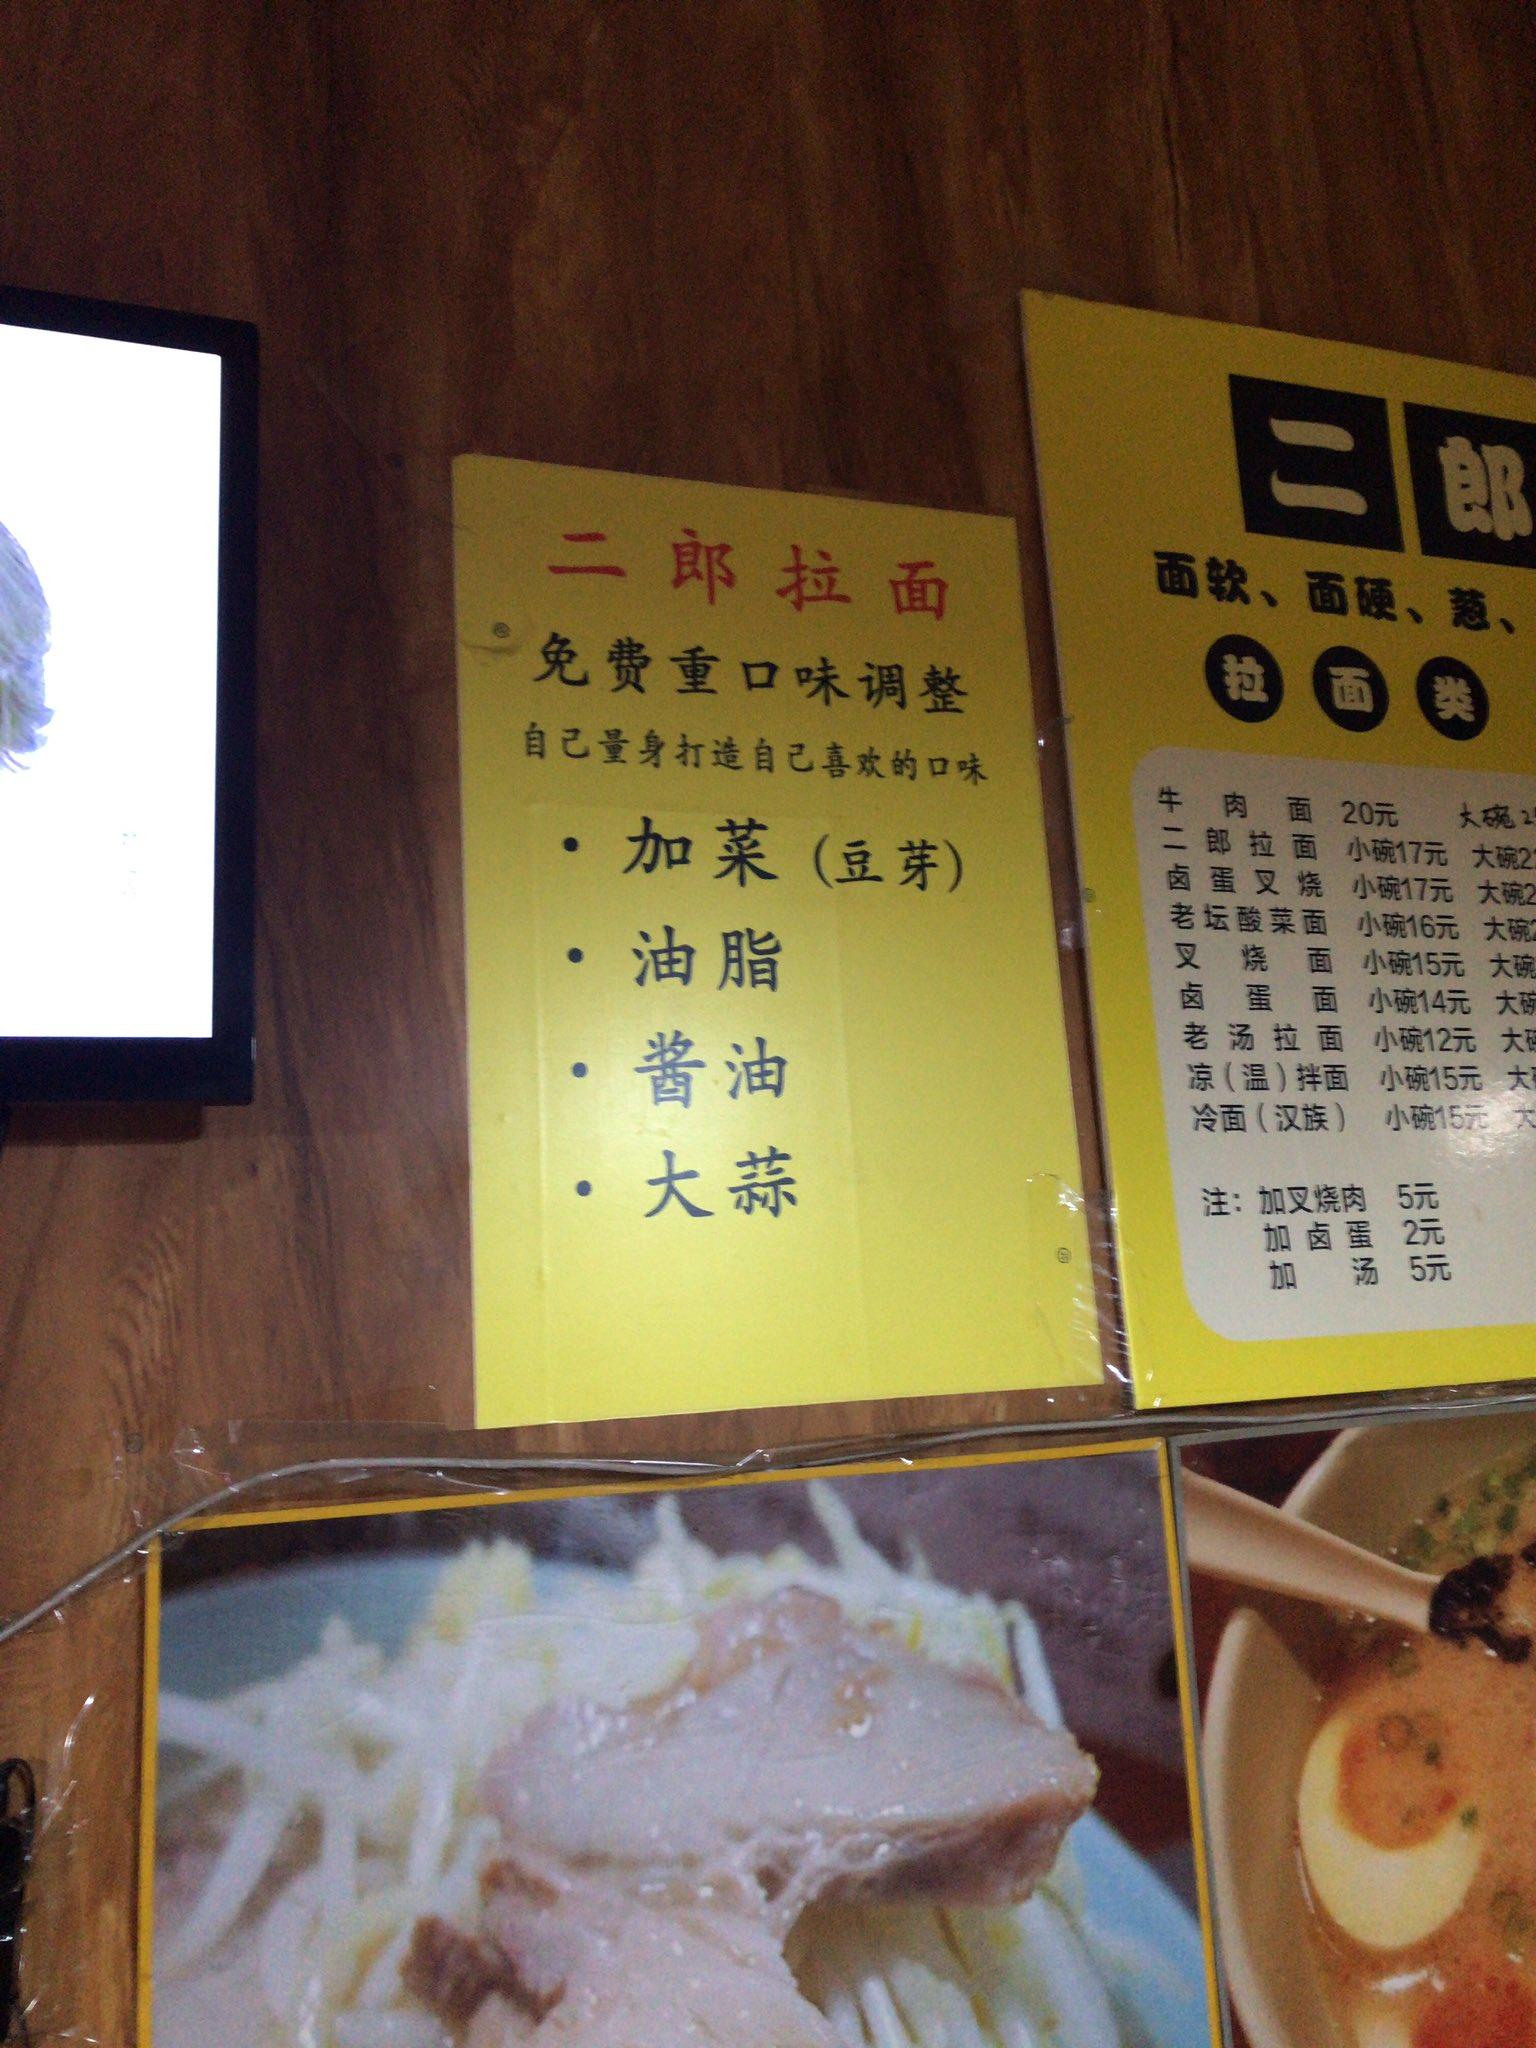 【画像有】中国のラーメン二郎がこちらwwwwwwwwwwwwwwwwwwwwwwww